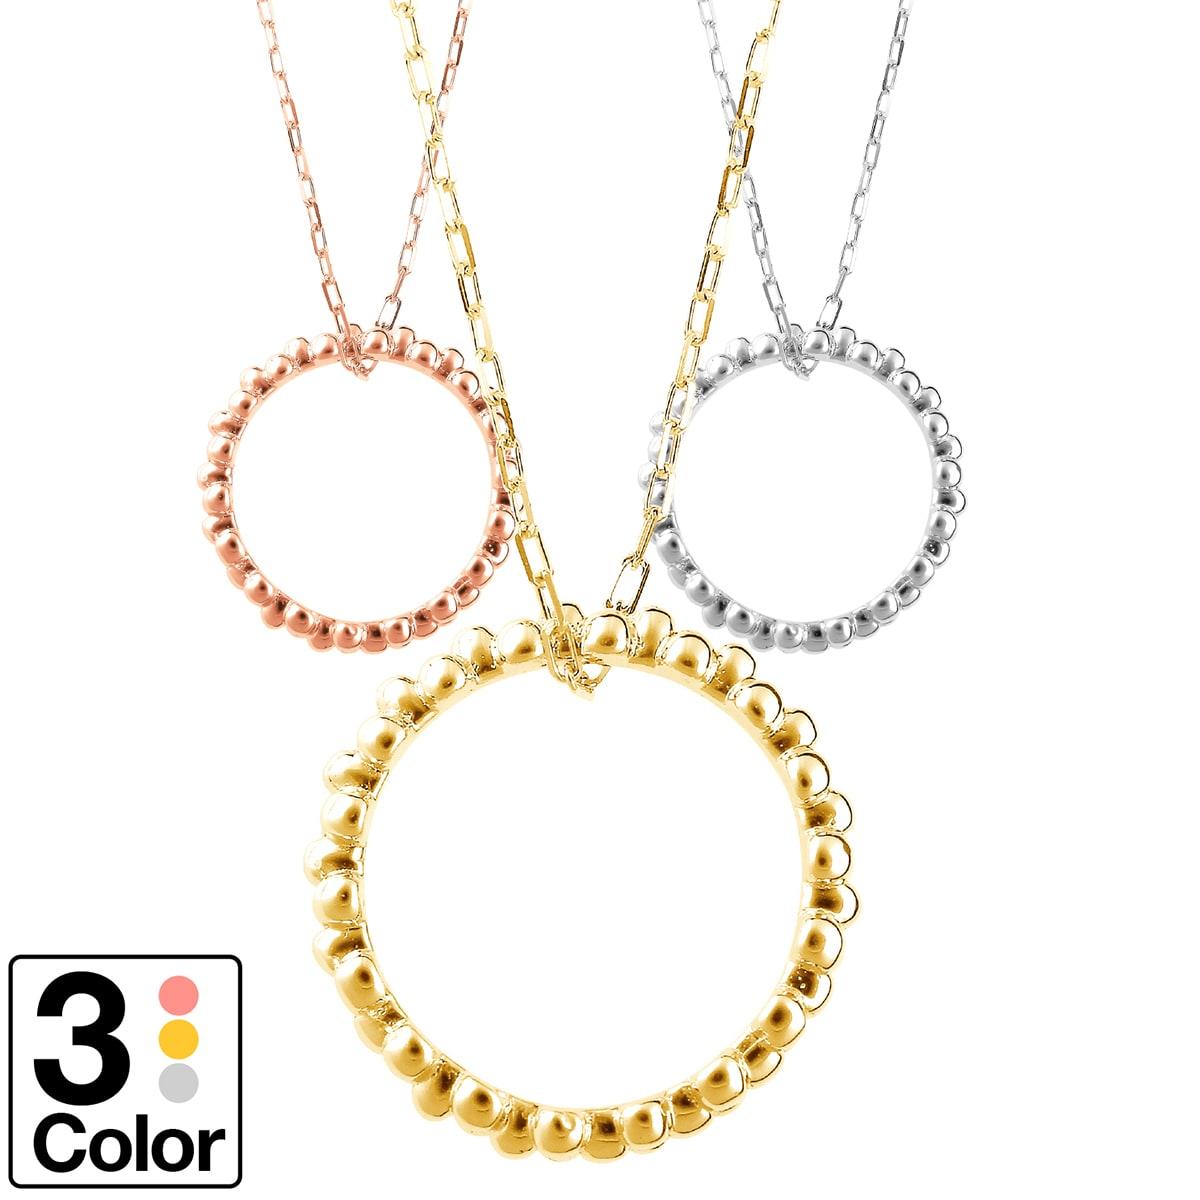 ネックレス k18 地金 イエローゴールド/ホワイトゴールド/ピンクゴールド 品質保証書 金属アレルギー 日本製 誕生日 ギフト